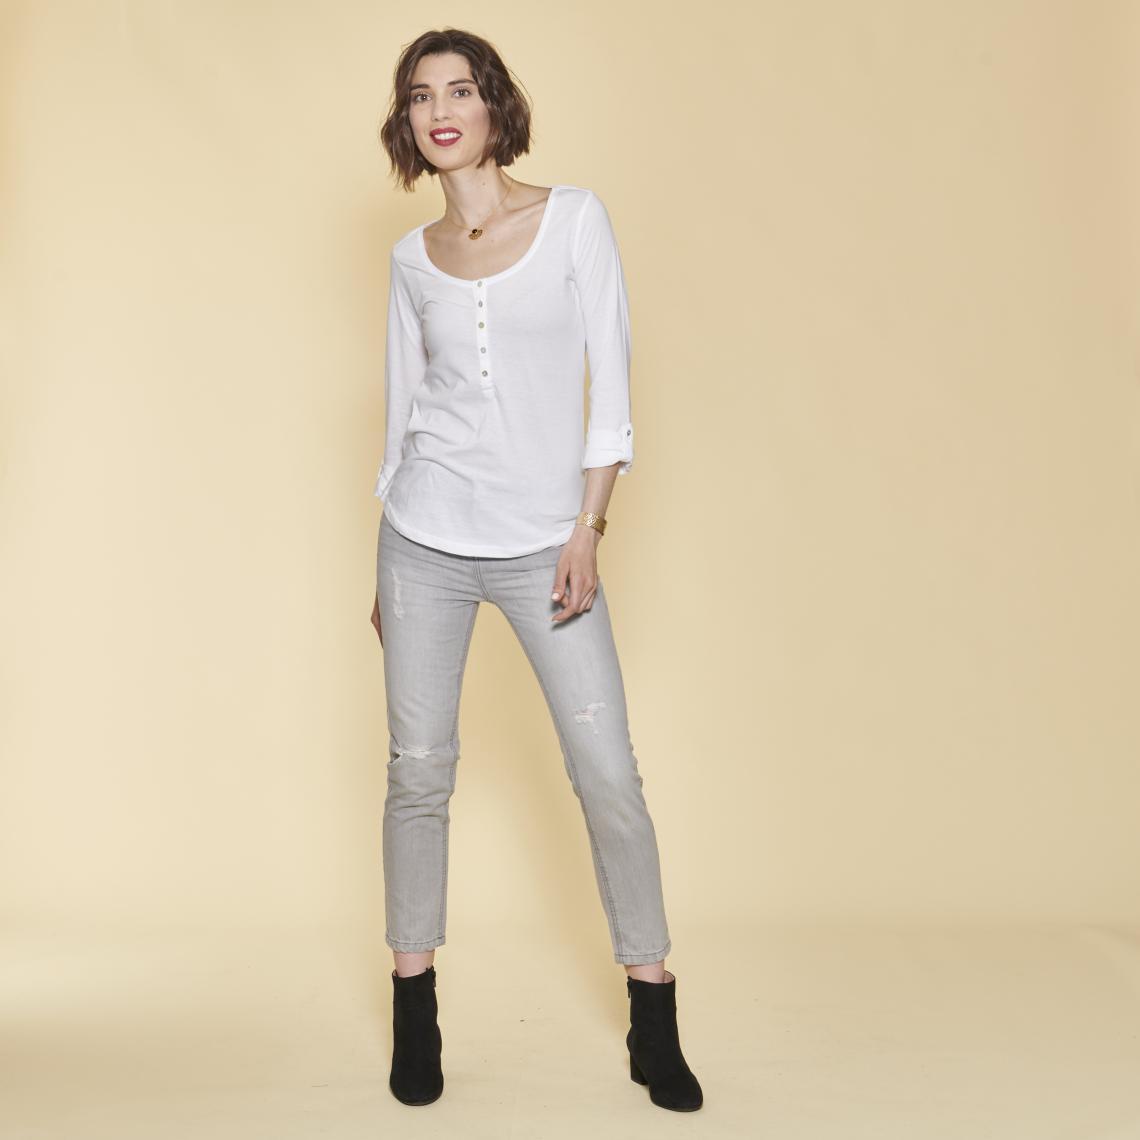 8bbfd21cefa Tee-shirt manches longues boutons en nacre femme - Blanc 3 SUISSES Femme